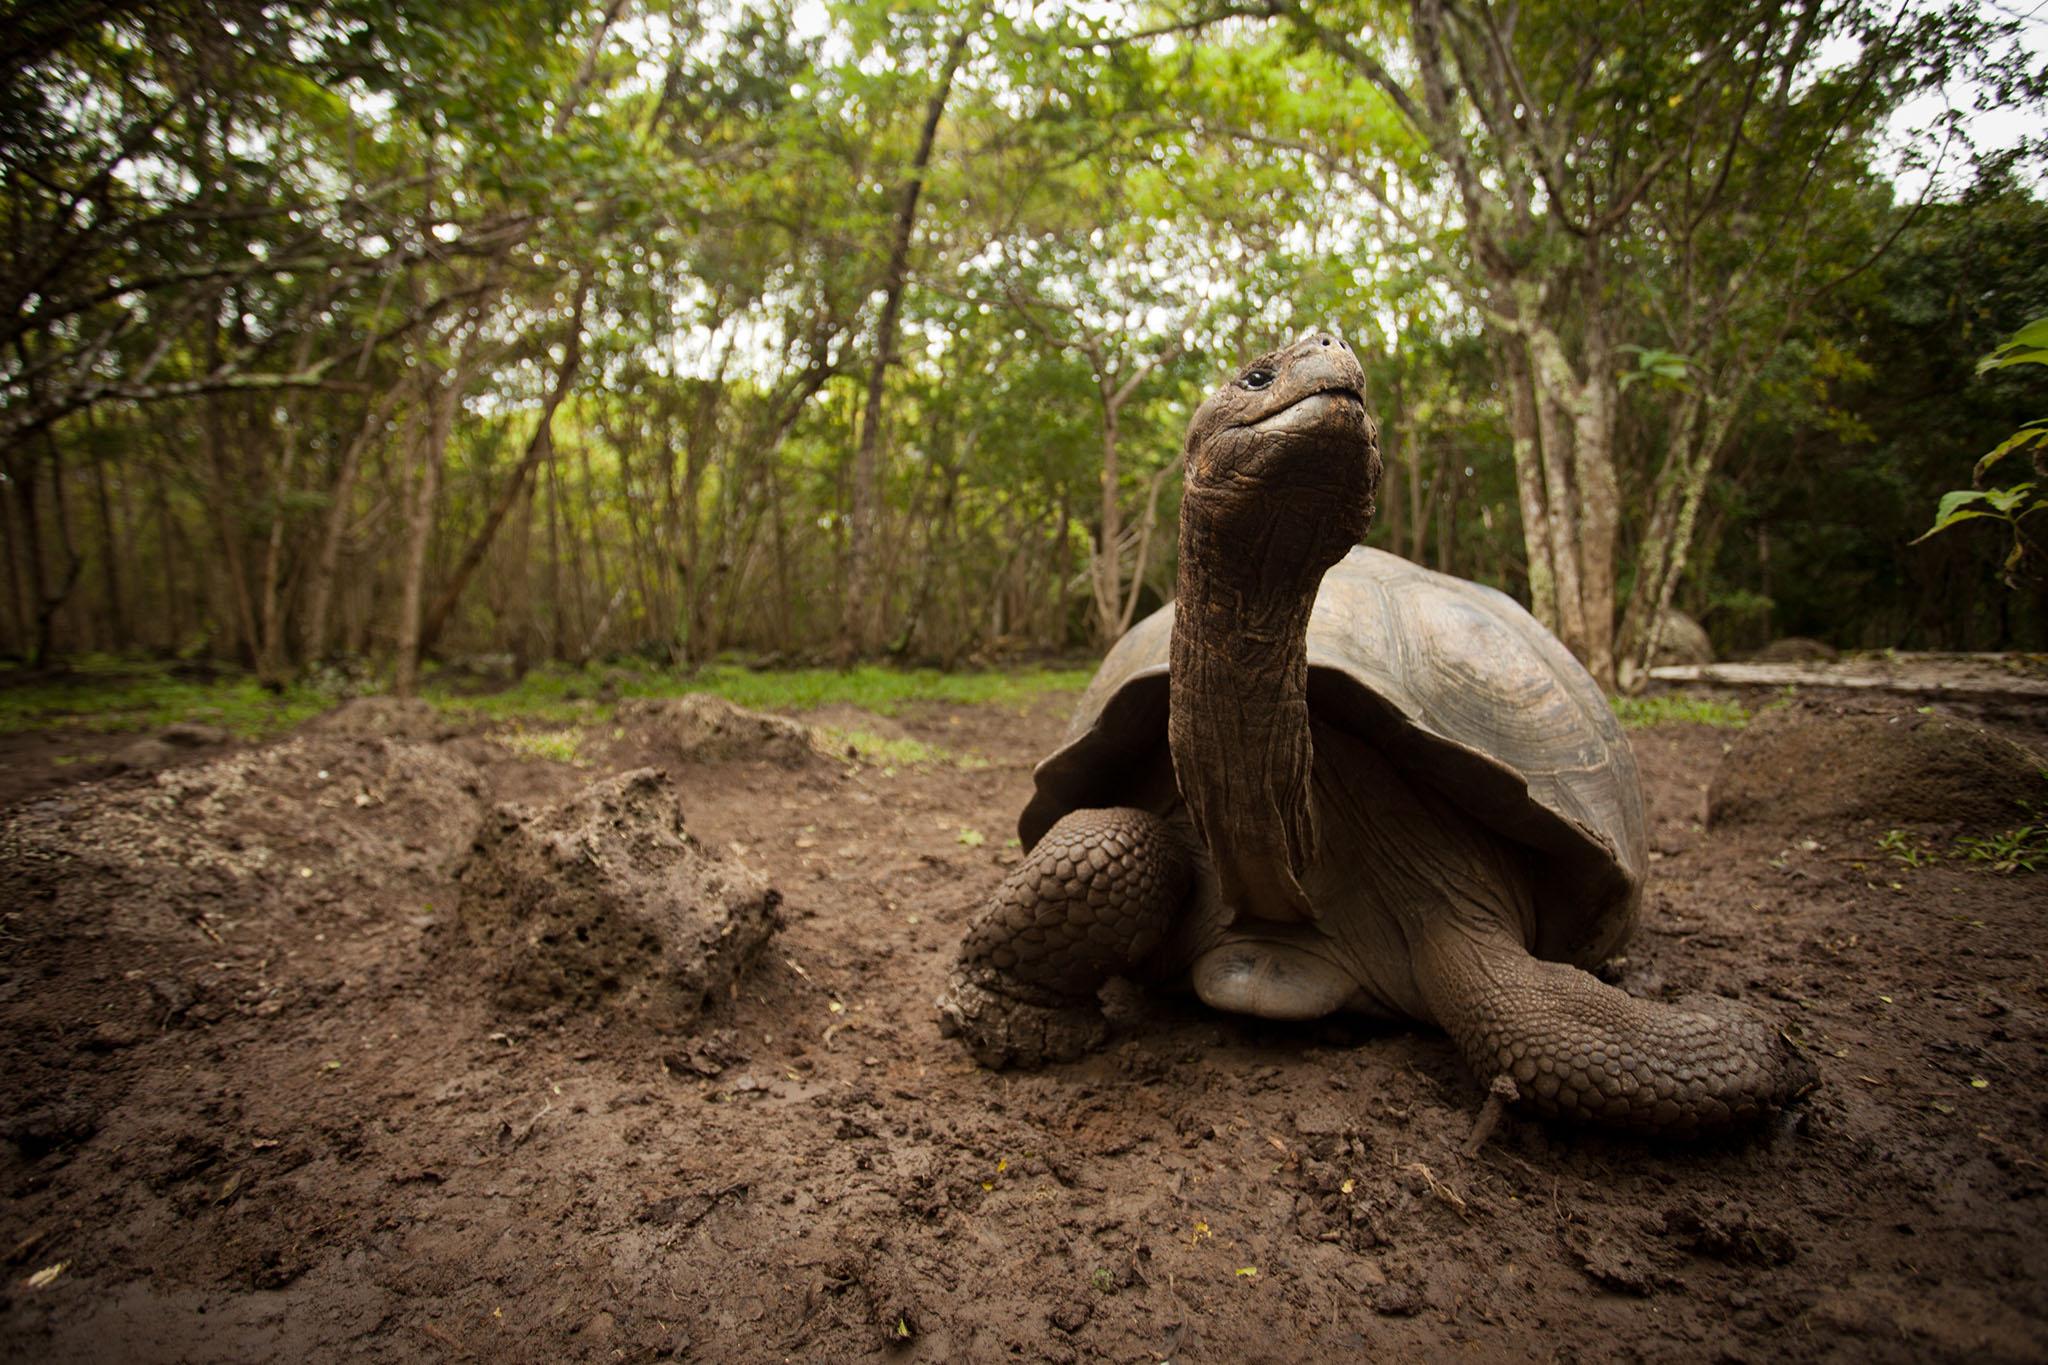 007-TW-Galapagos-121118.jpg